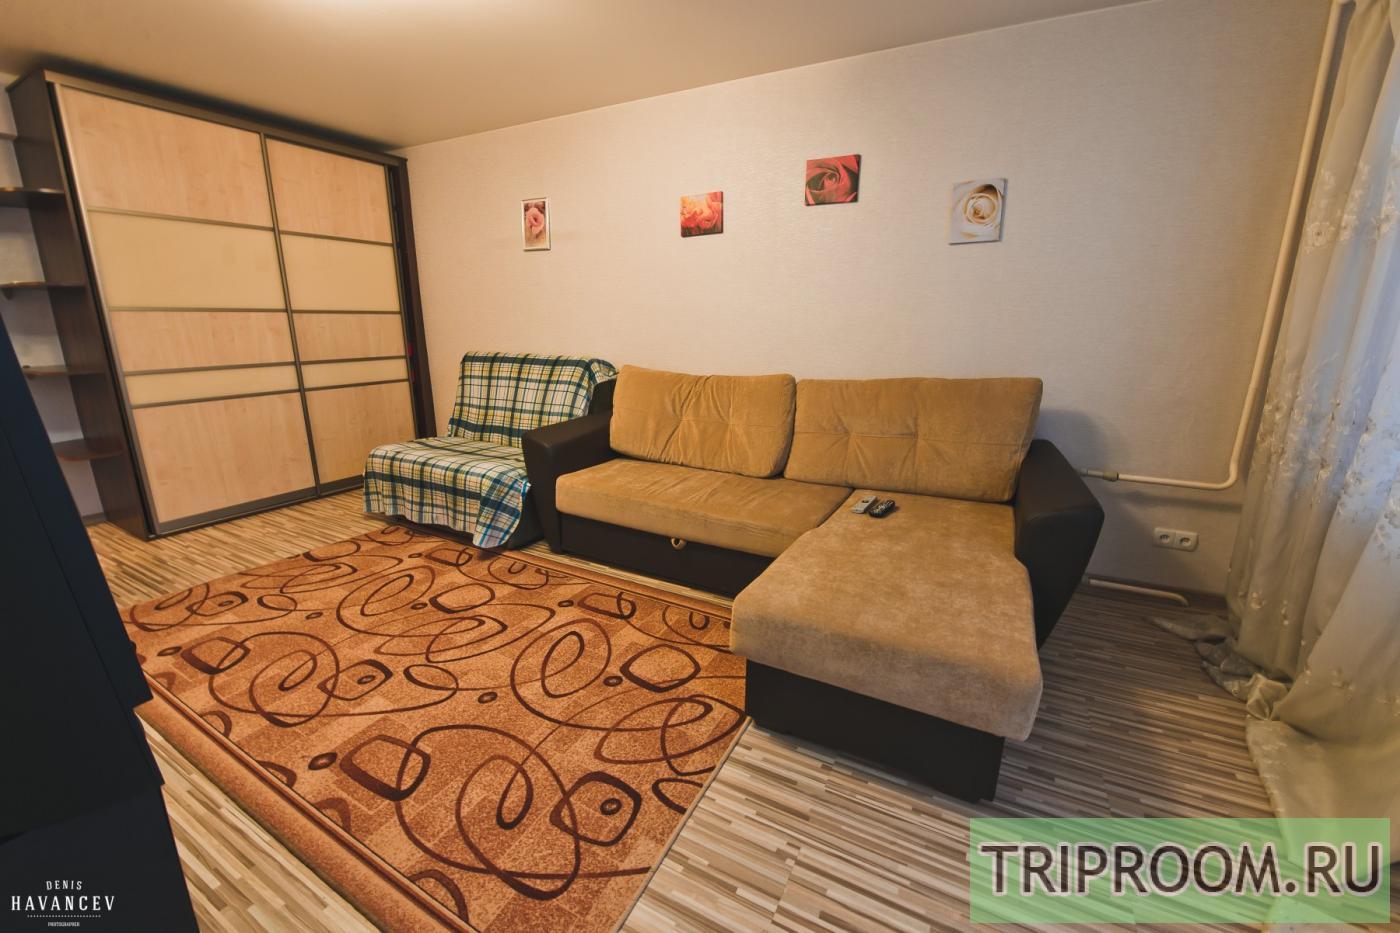 1-комнатная квартира посуточно (вариант № 14830), ул. Рахова улица, фото № 2